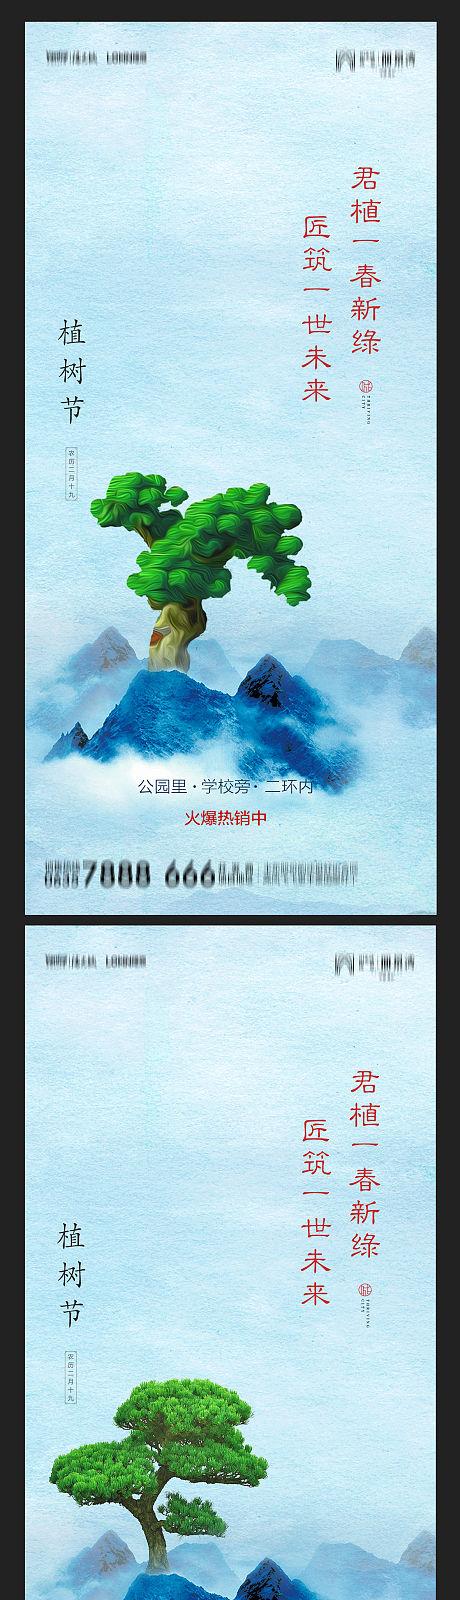 地产植树节海报-源文件